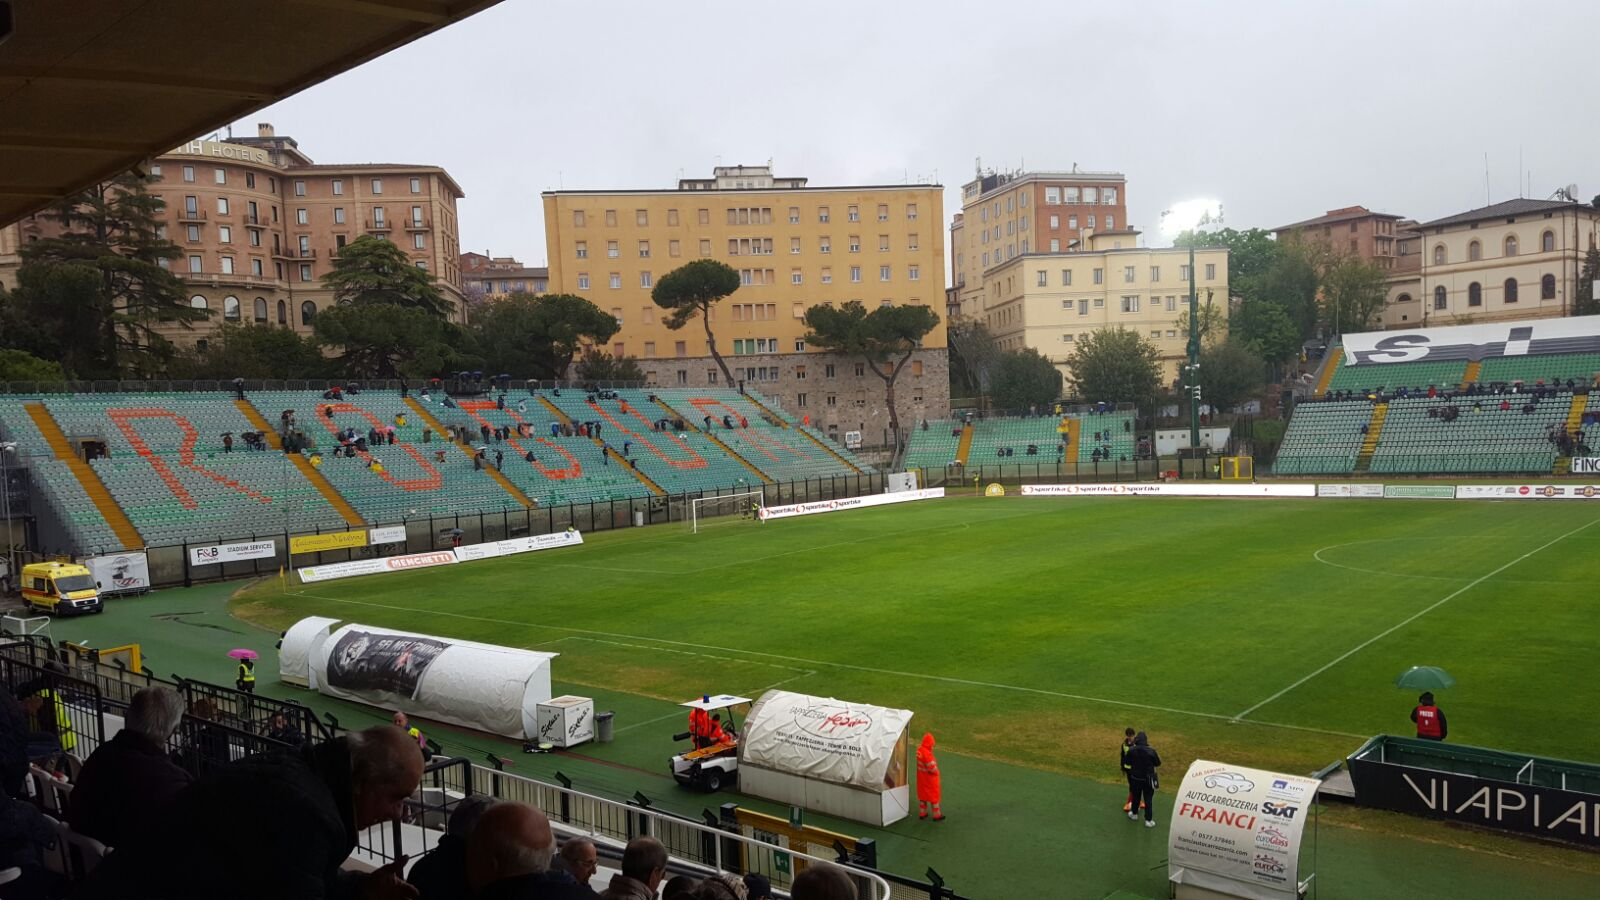 Robur Siena-Savona 0-0 in uno stadio deserto